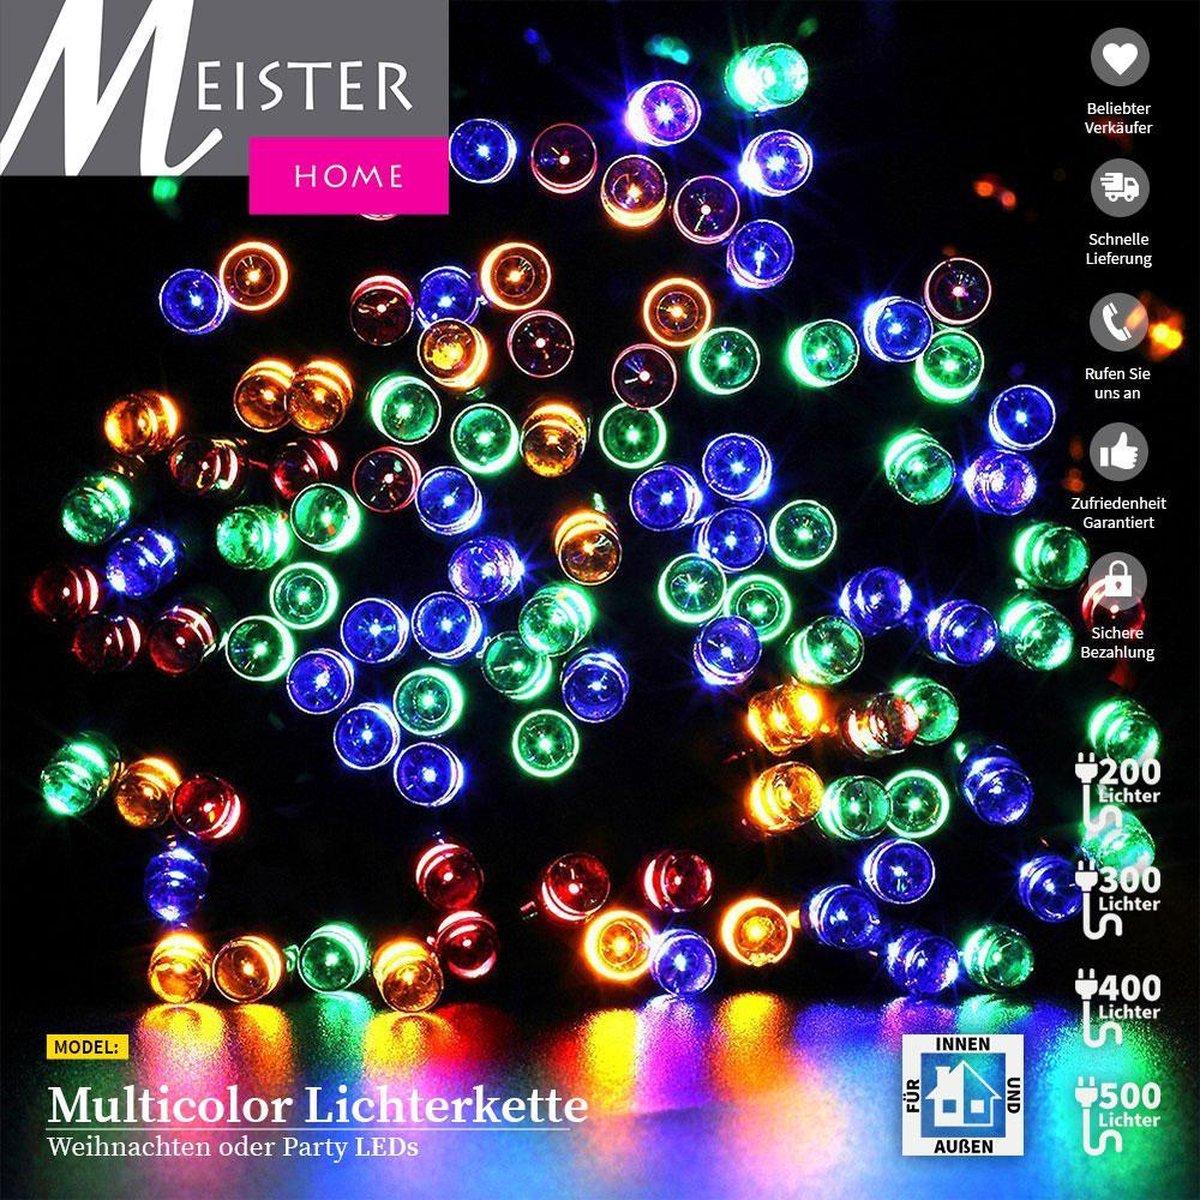 Meisterhome 400 led Multicolor - Kerstboom verlichting sfeer verlichting -Decoratie  Voor binnen & b